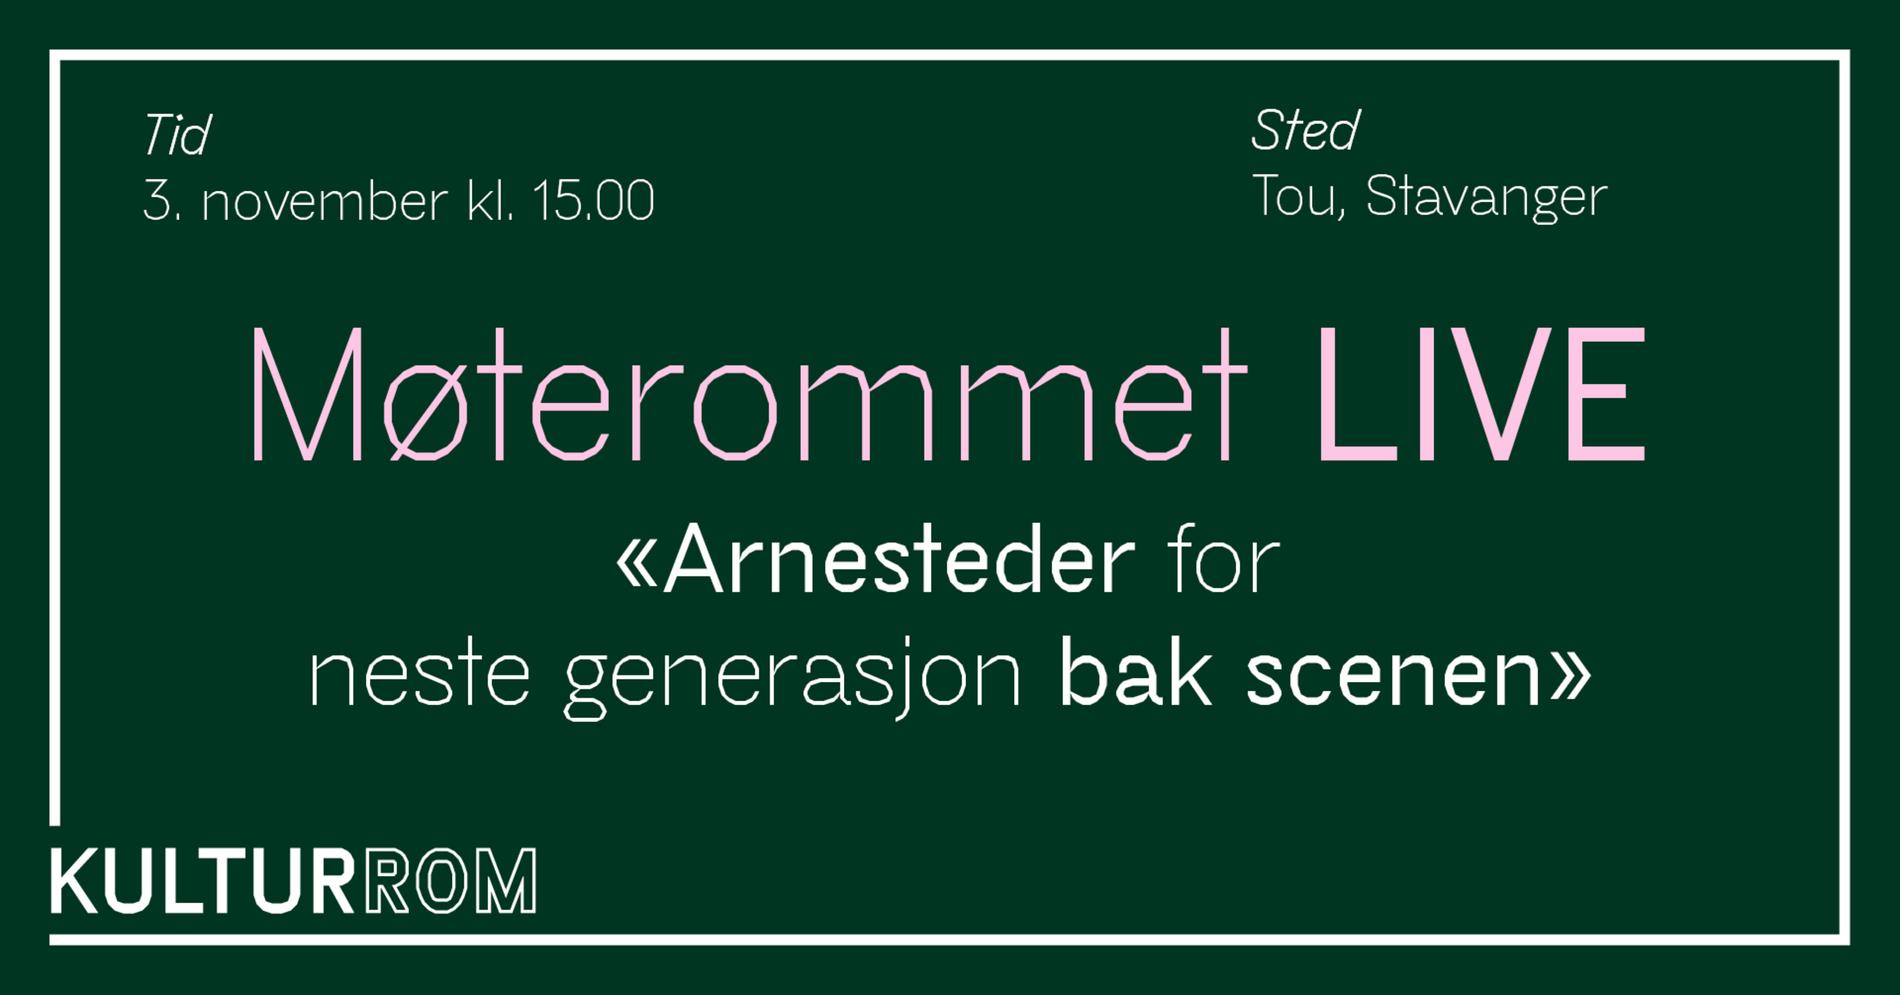 Møterommet LIVE - Stavanger